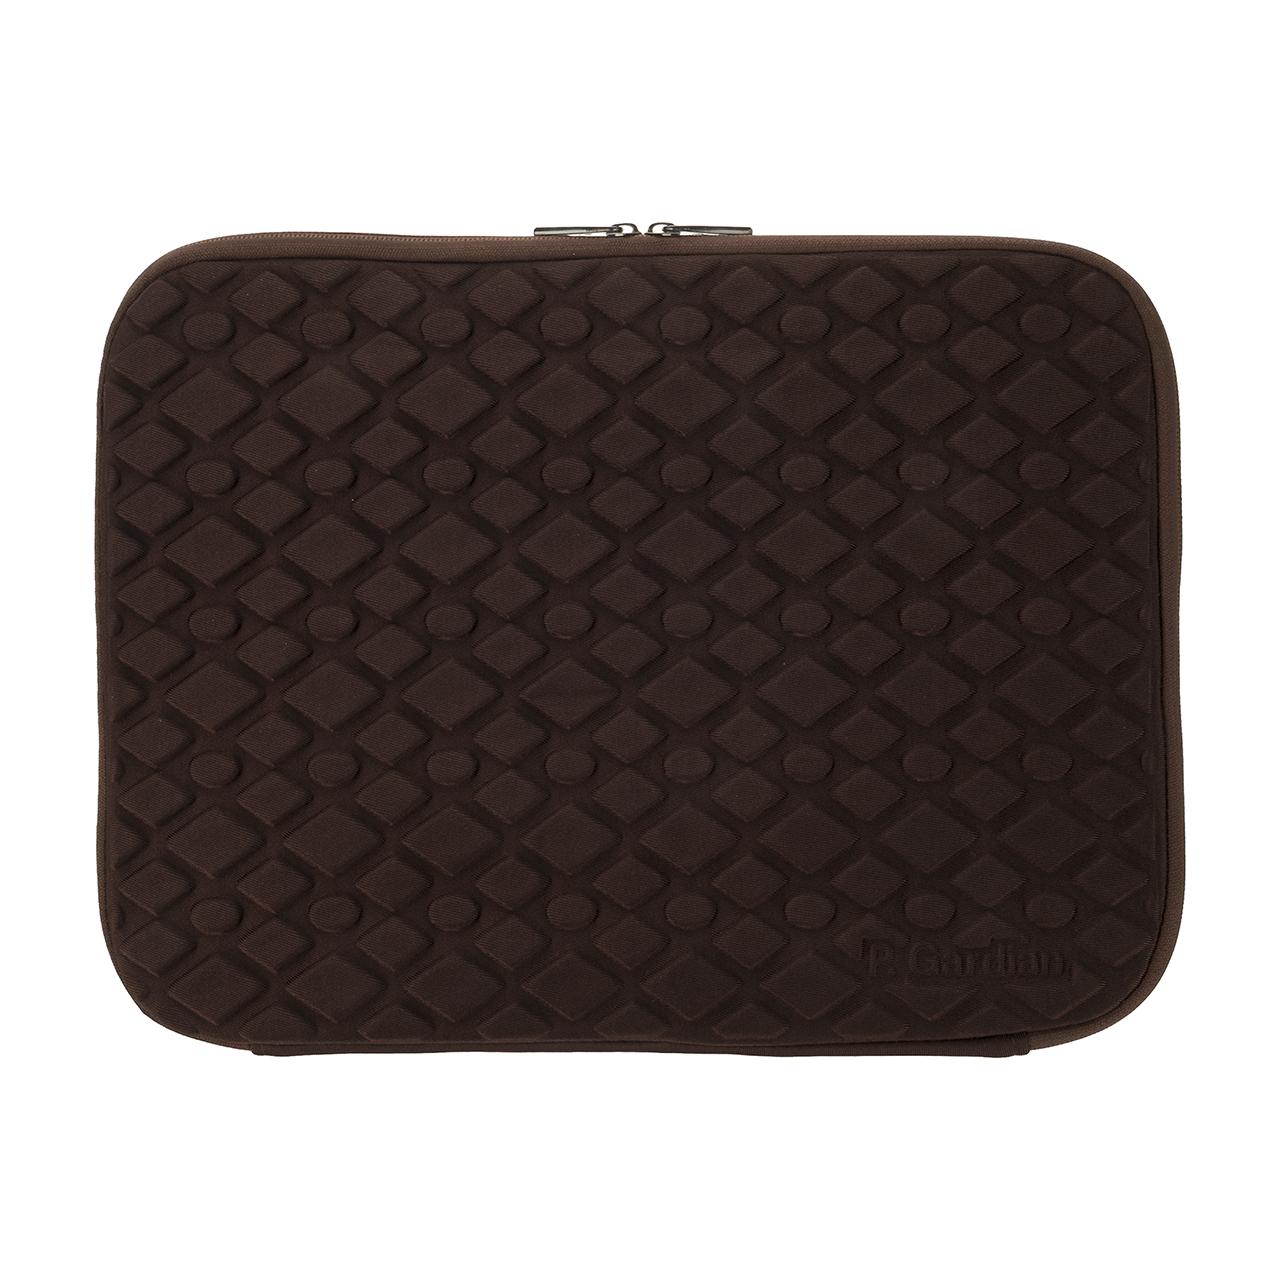 کاور لپ تاپ مناسب برای لپ تاپ 14 اینچی